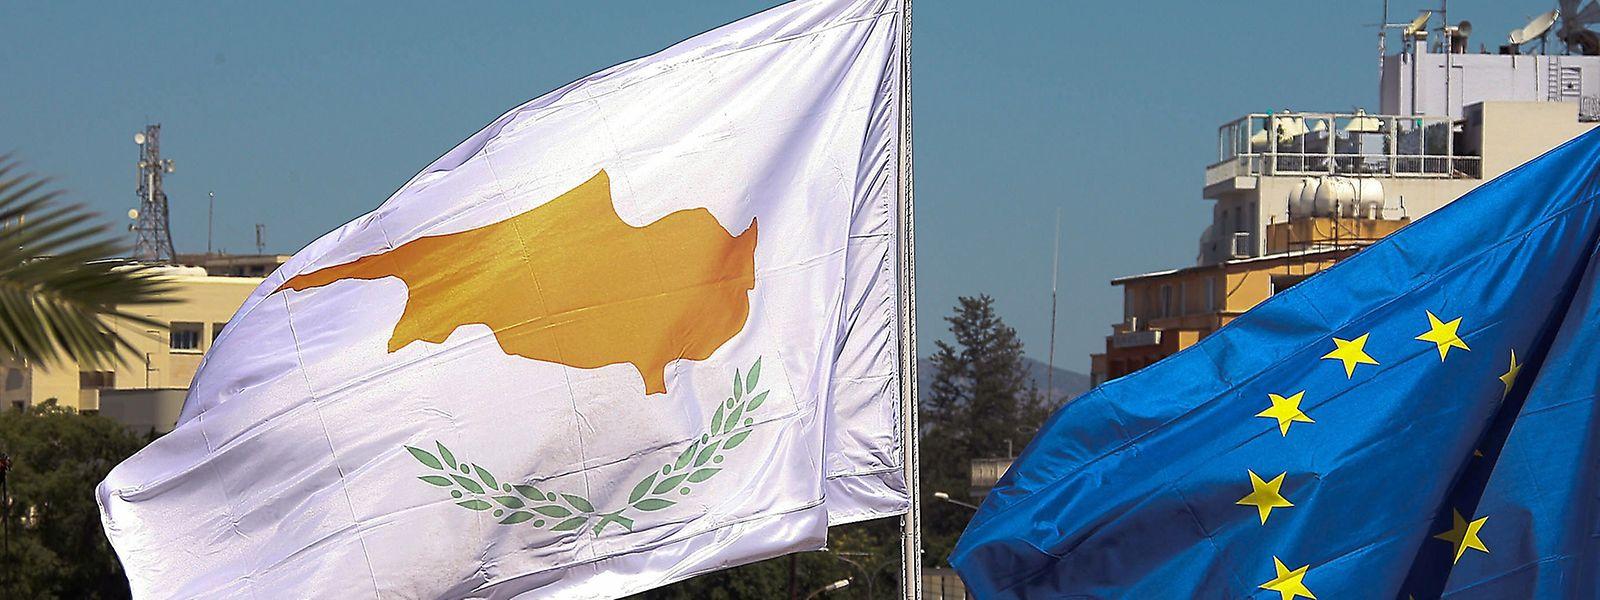 Enger mit der Türkei zusammenarbeiten? Zypern hat seine Bedenken...